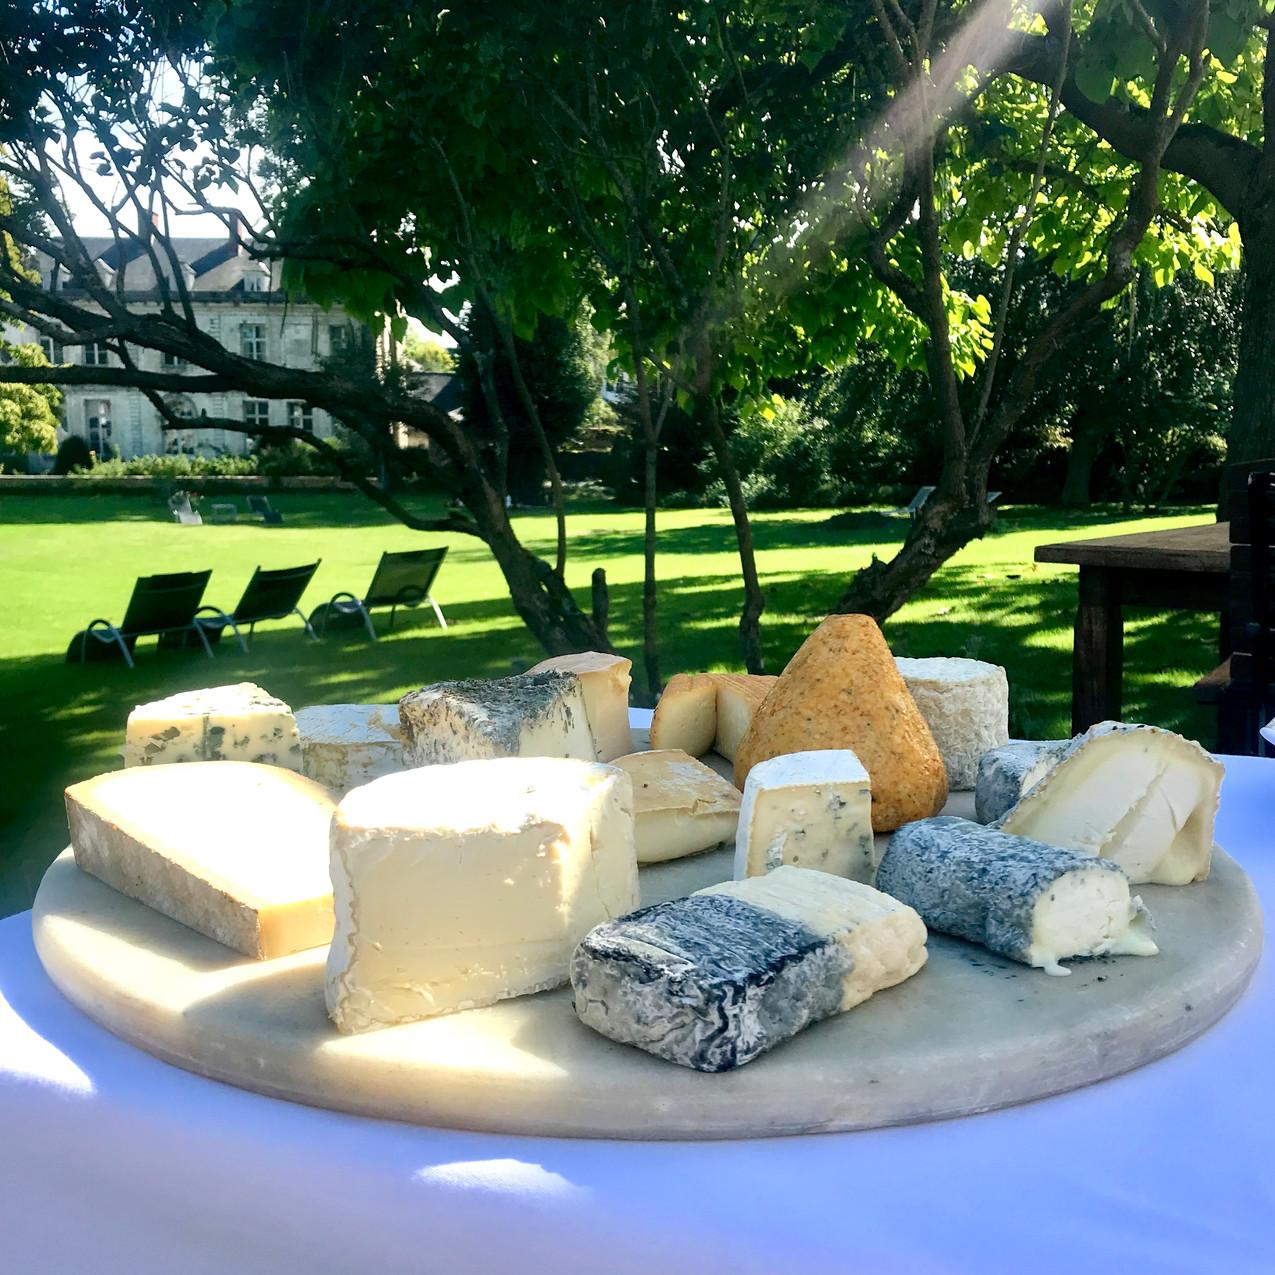 Magnifique plateau de fromages